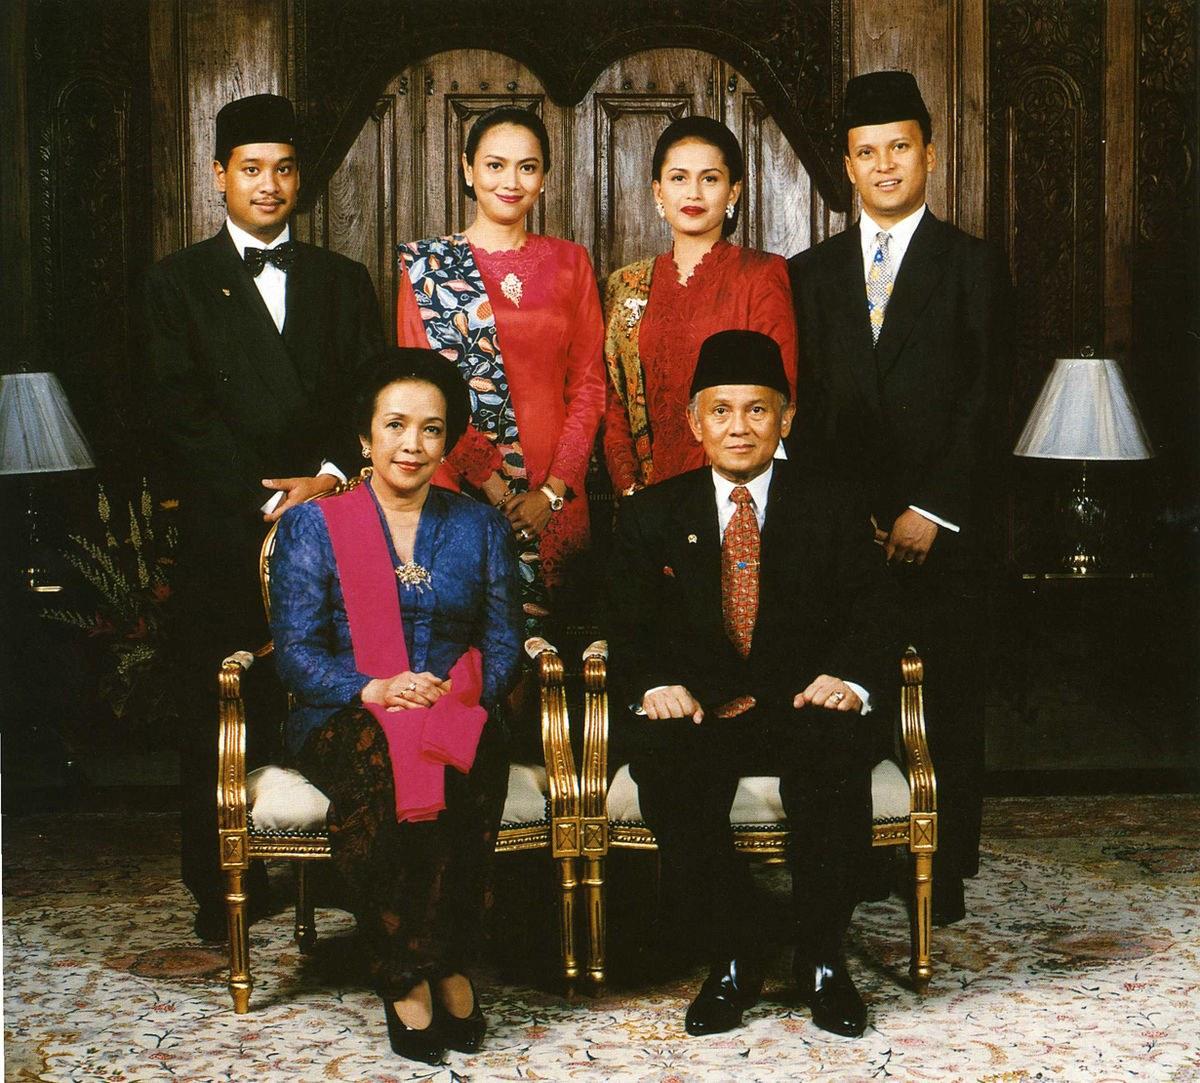 Bentuk Baju Pengantin Sunda Muslim Rldj National Costume Of Indonesia